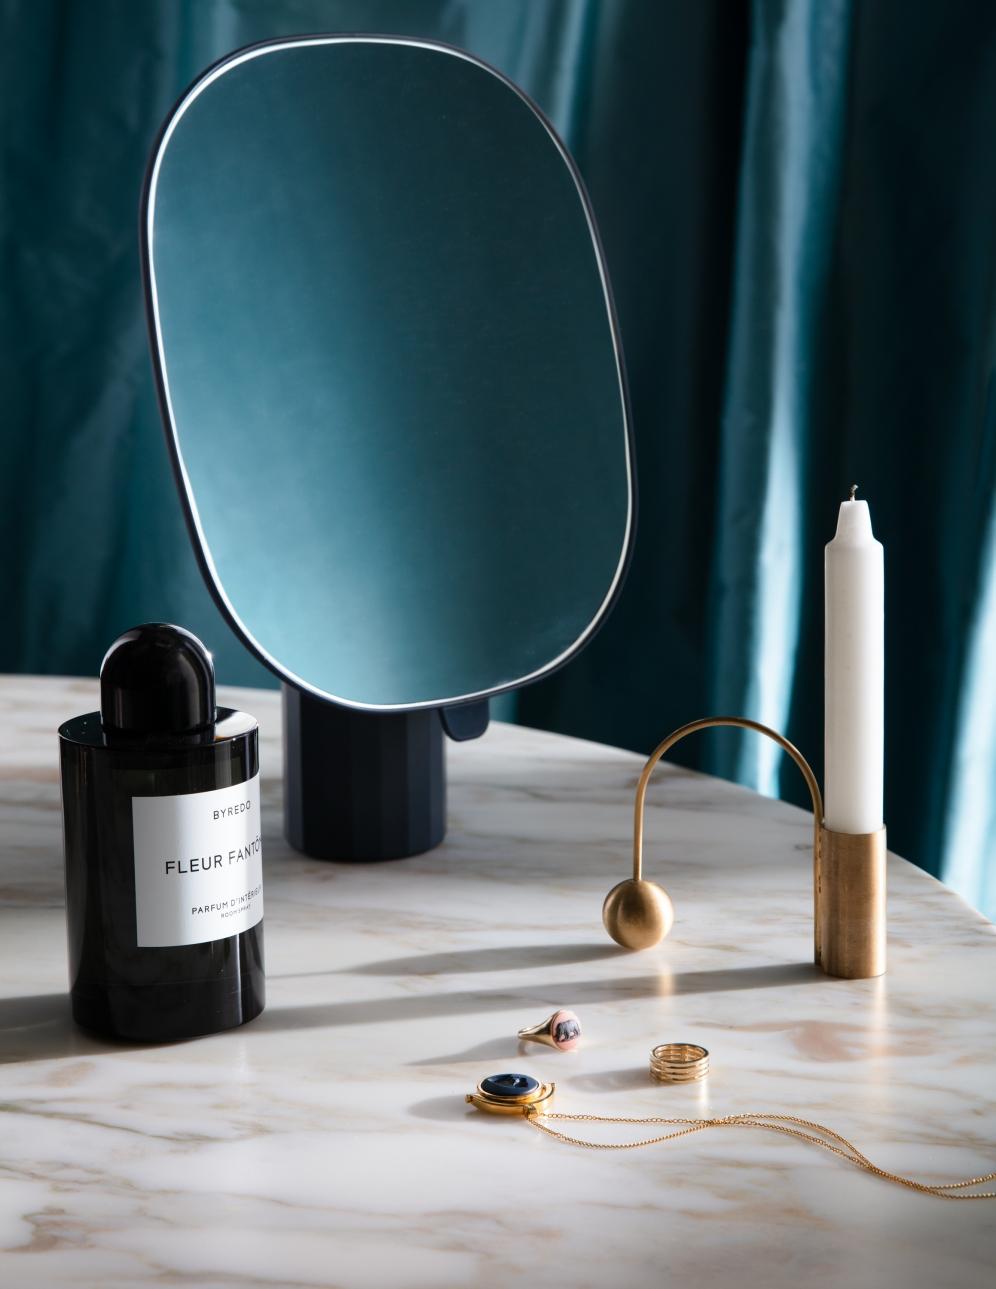 Elle Decoration | Gift Guide